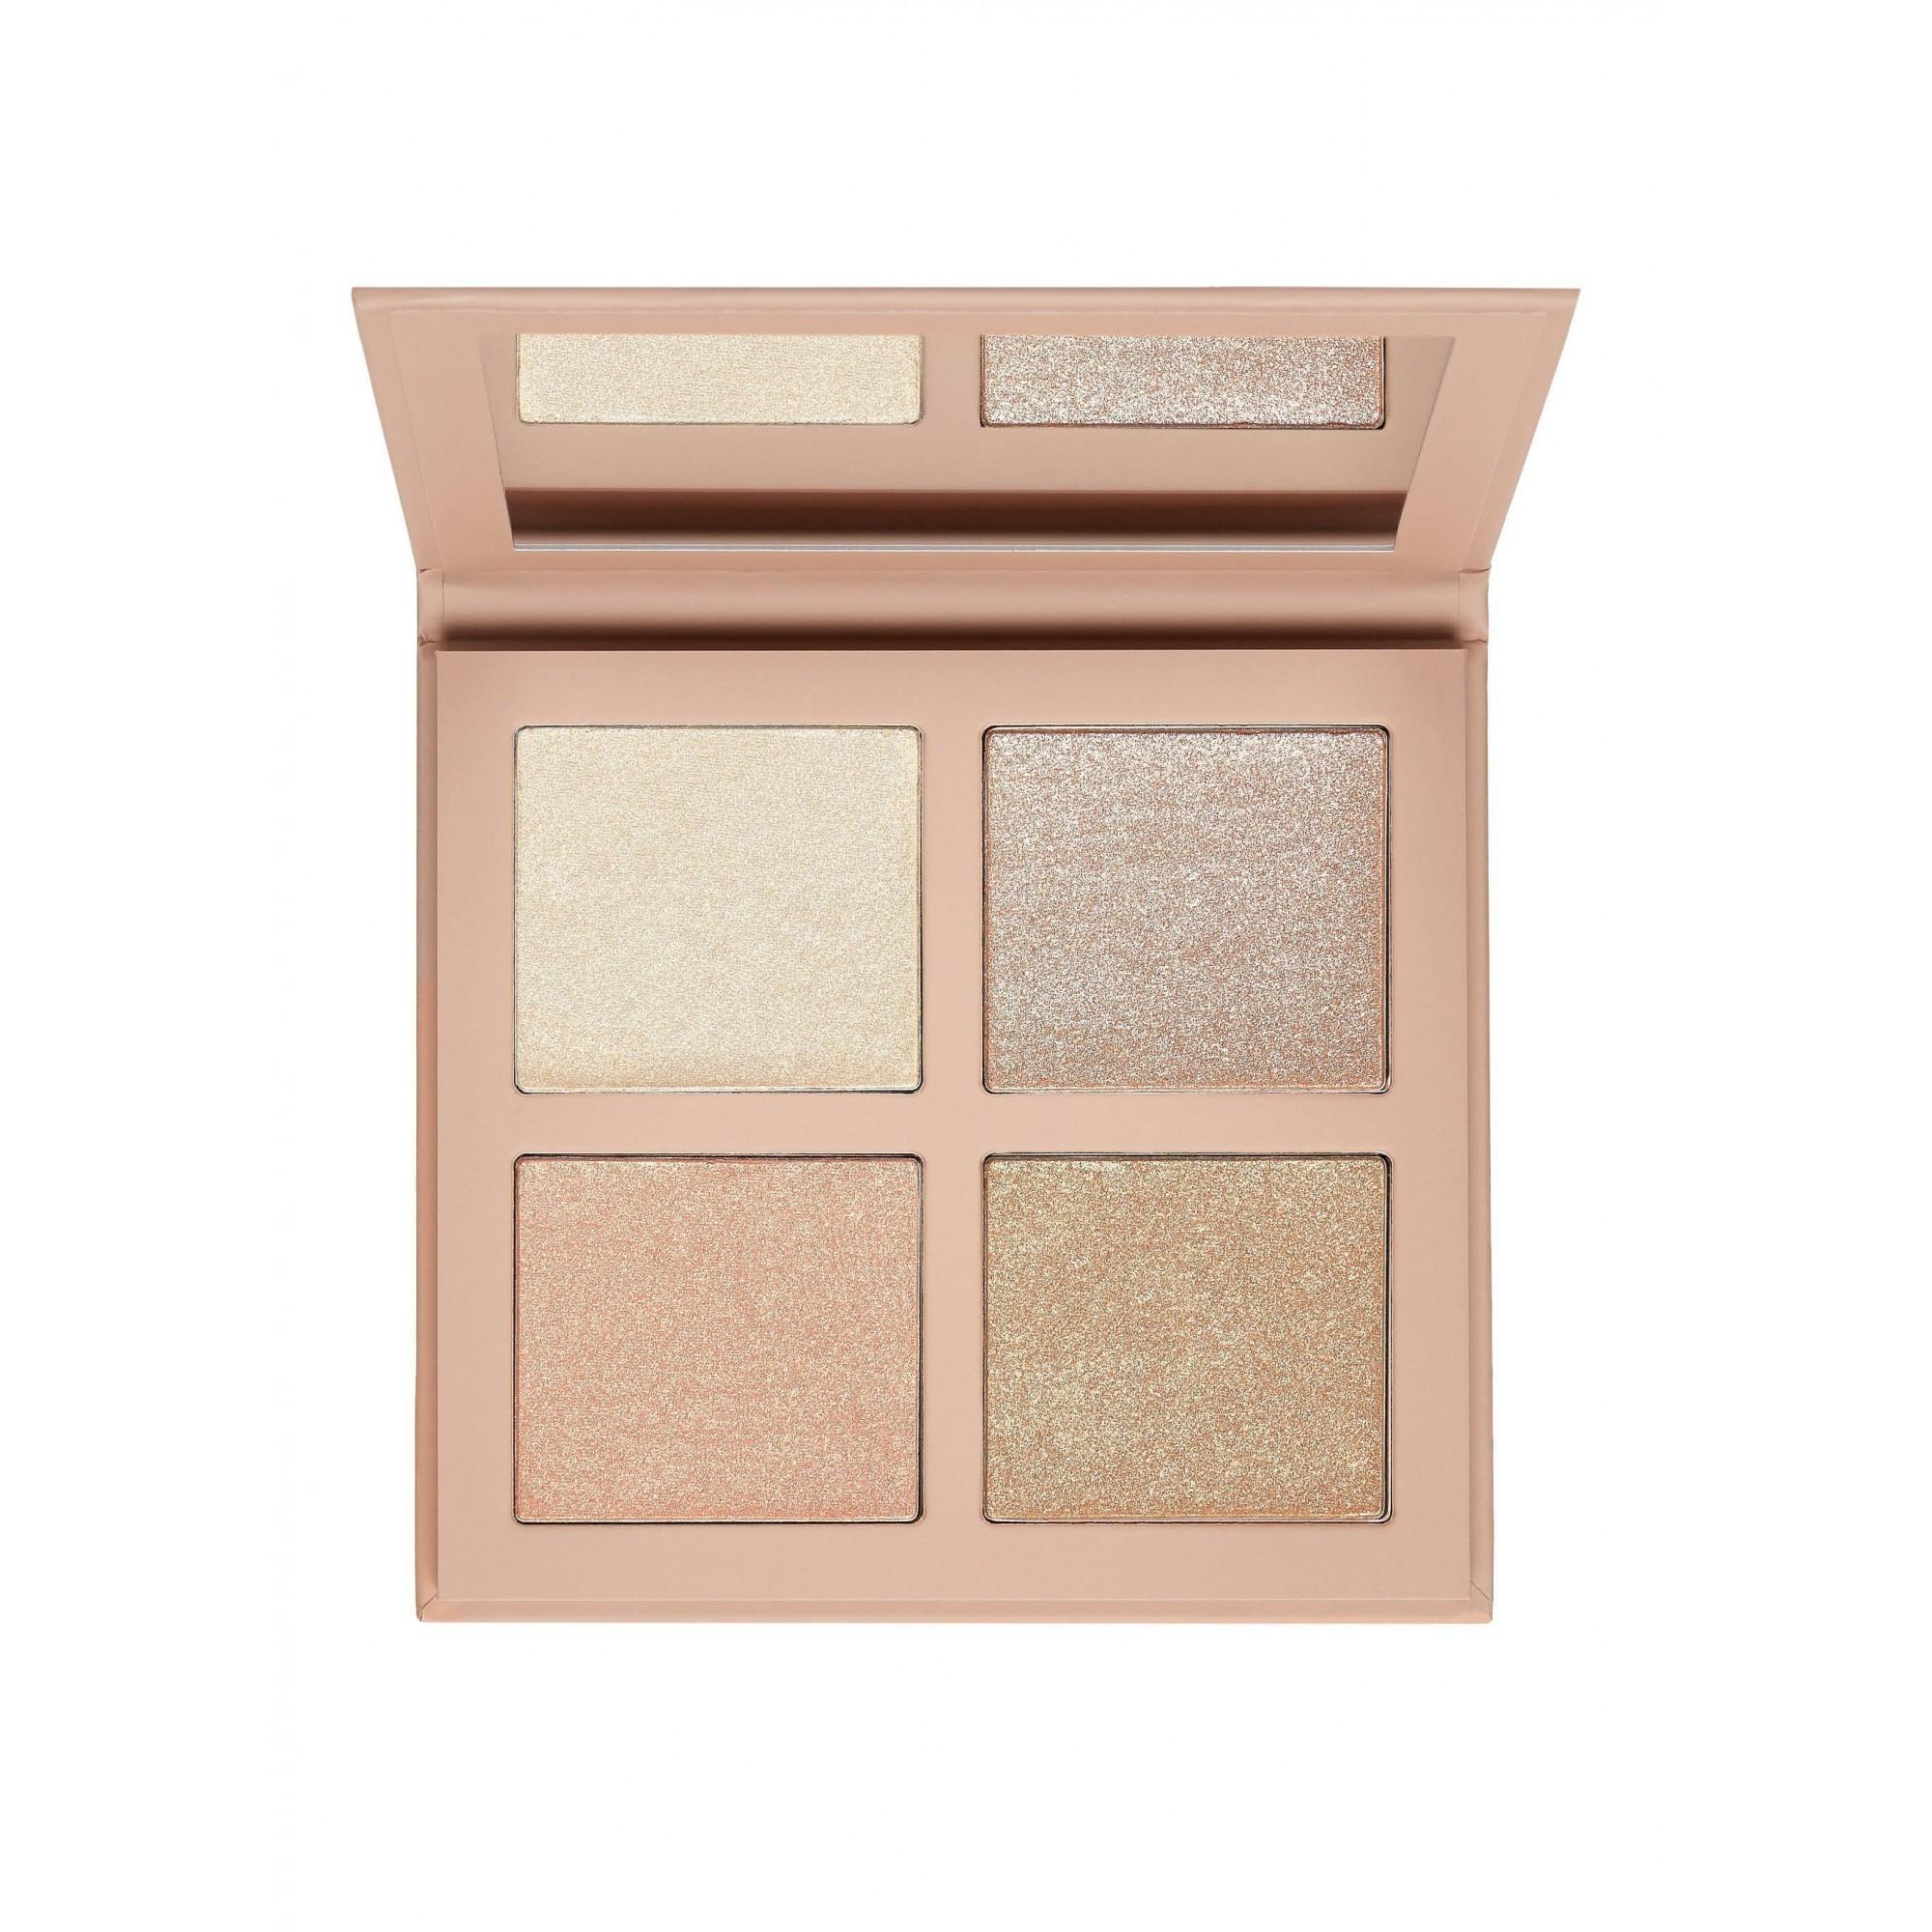 KKW Beauty Highlighter Palette I